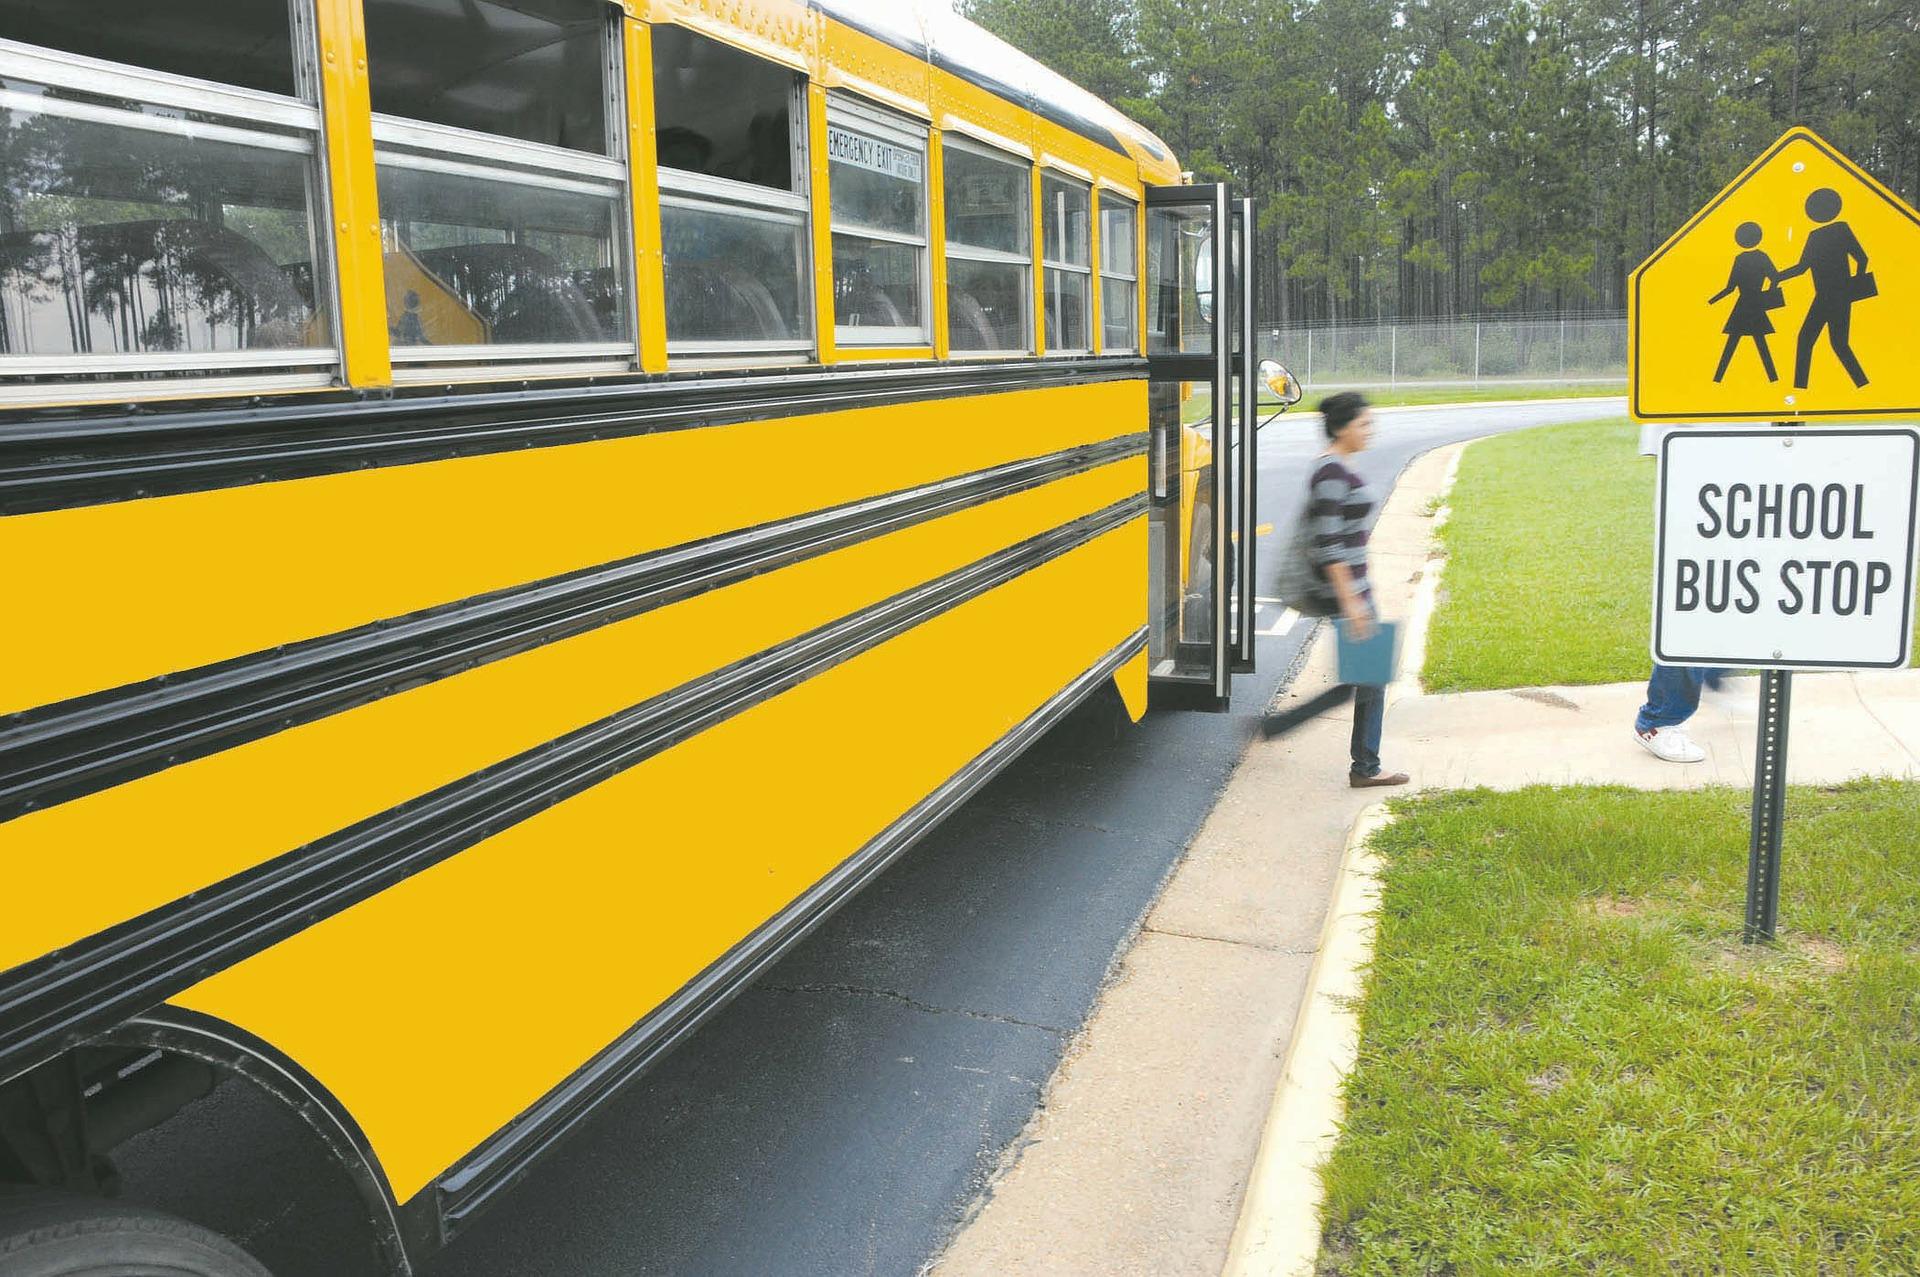 schoolbus-81717_1920.jpg